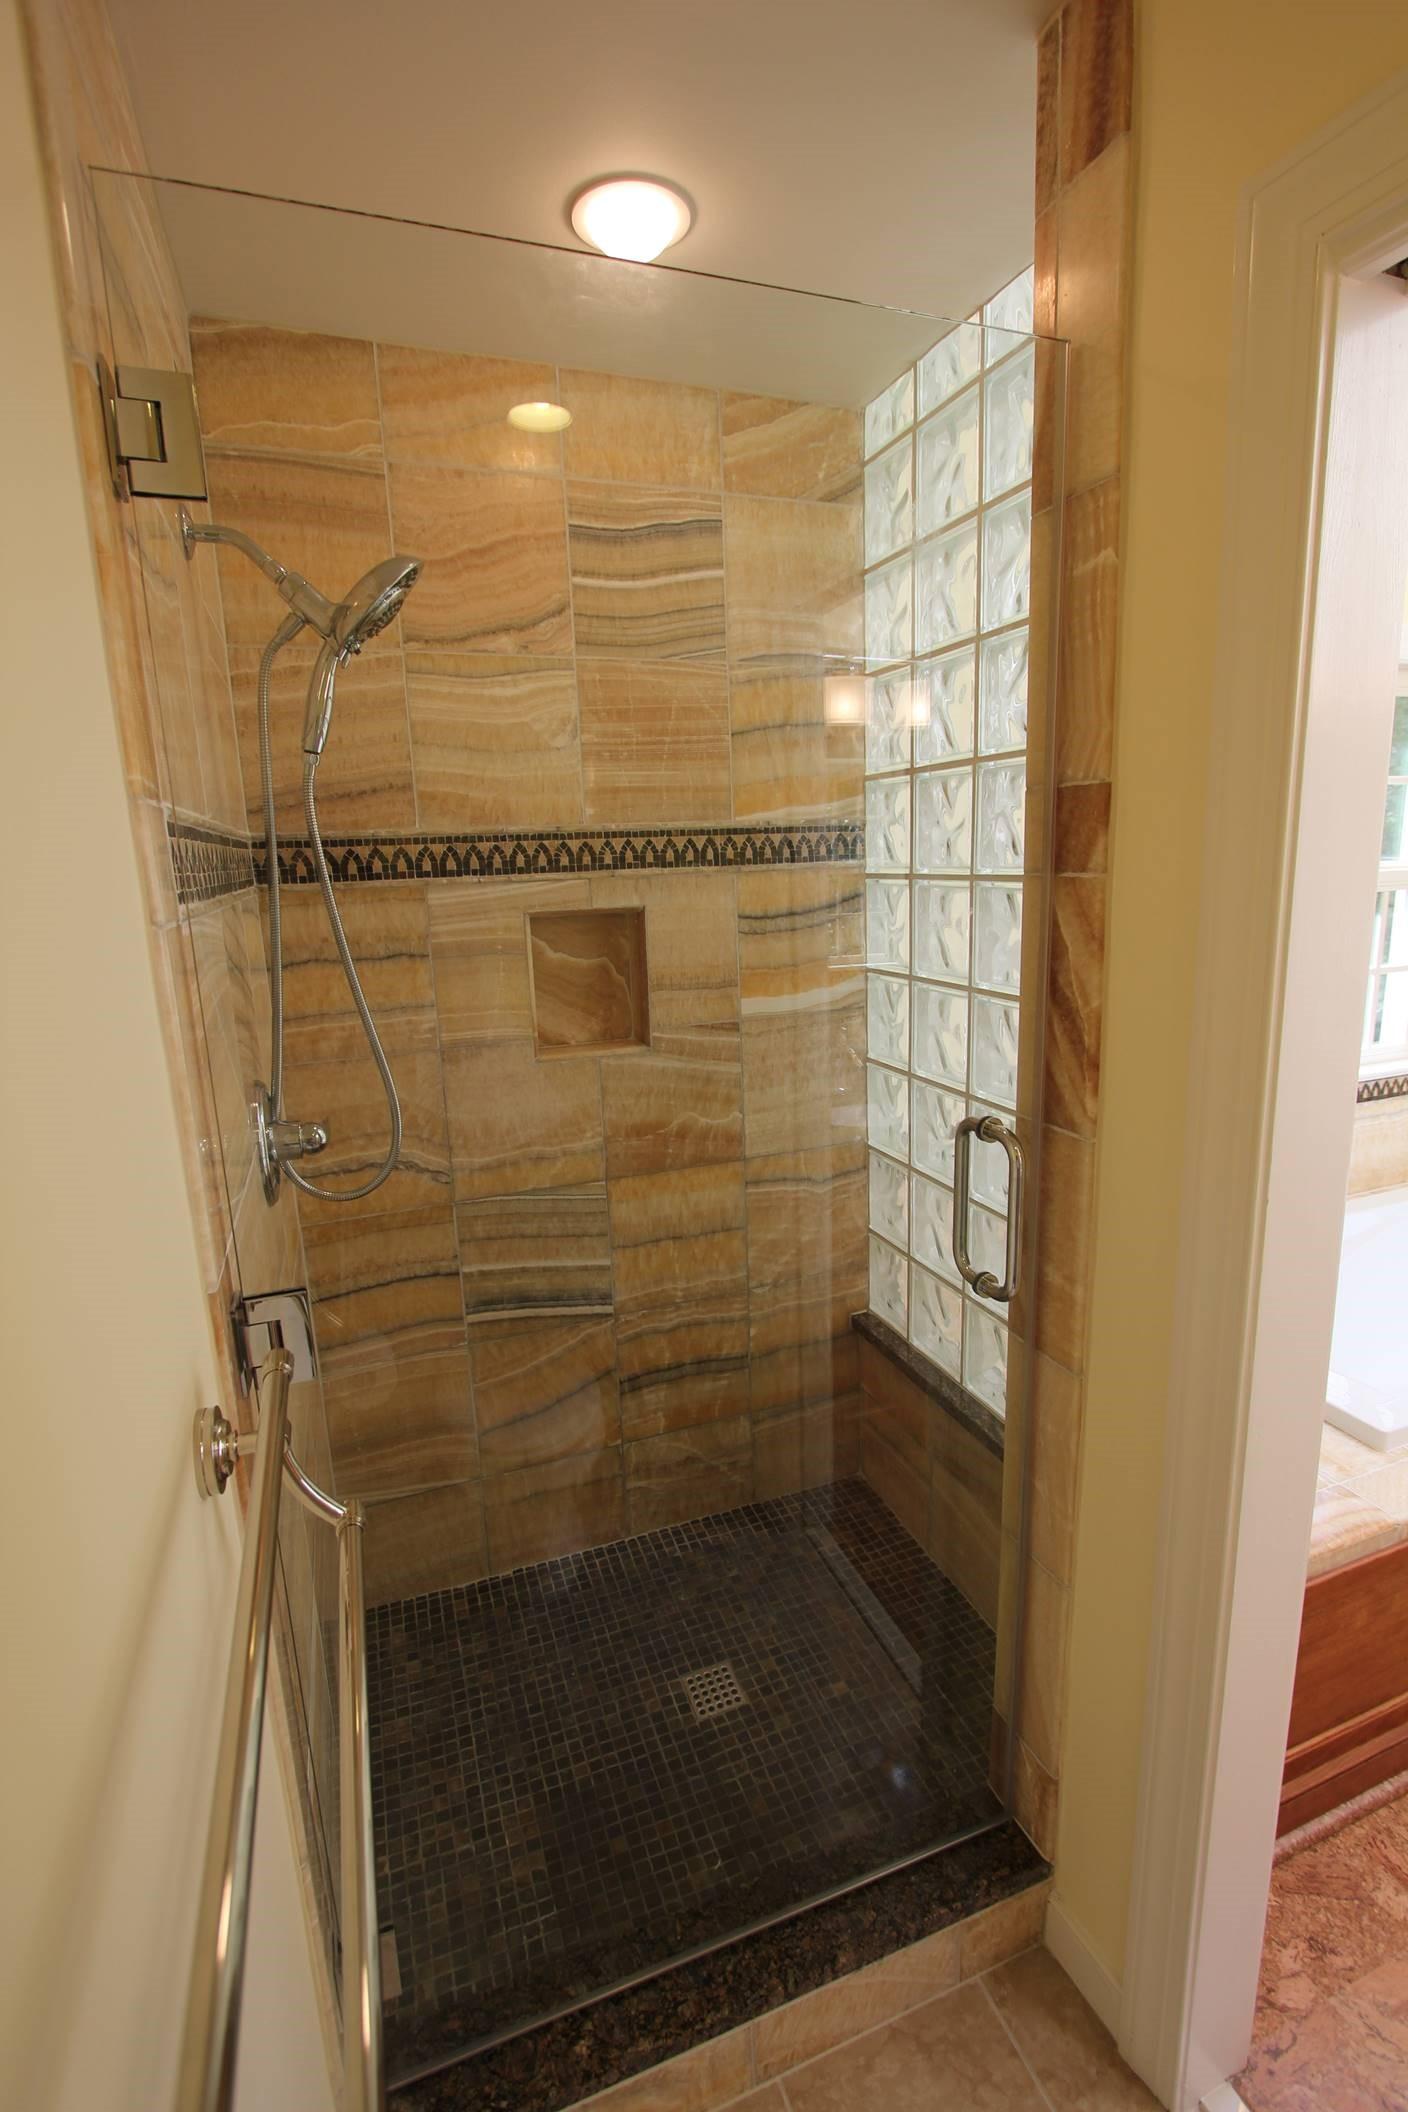 Bathroom remodeling in richmond va james river - Bathroom contractors richmond va ...